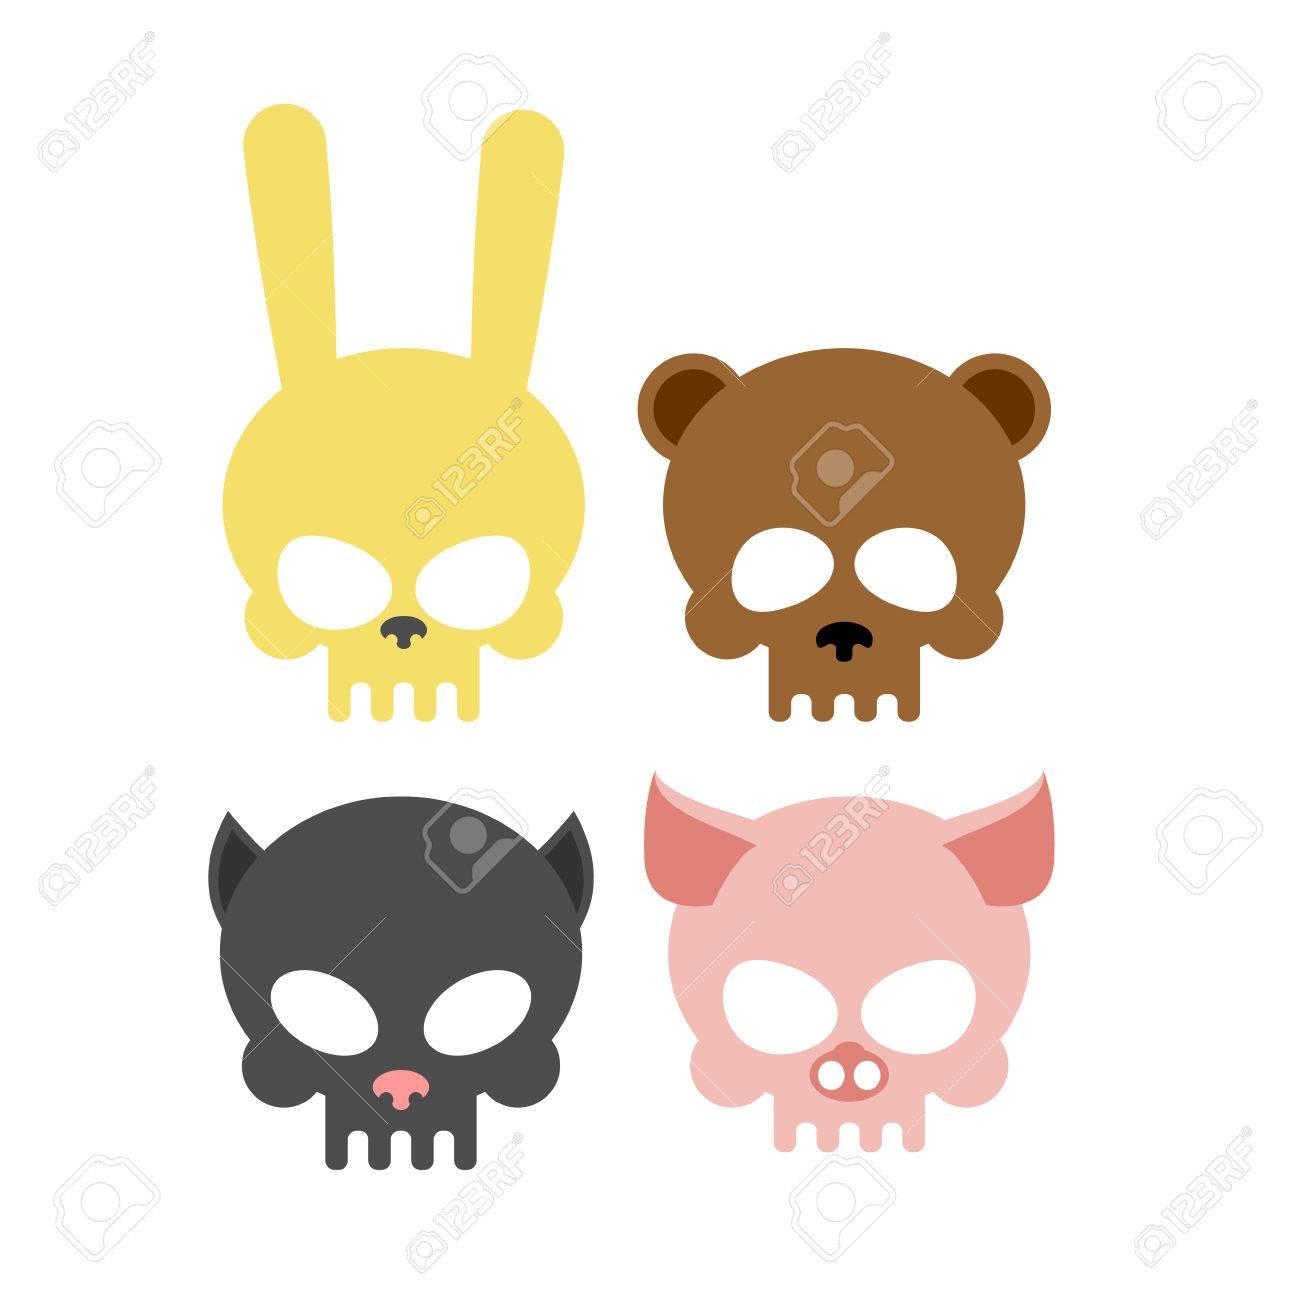 かわいい動物の頭骨。クマとブタ。頭スケルトン ウサギと猫